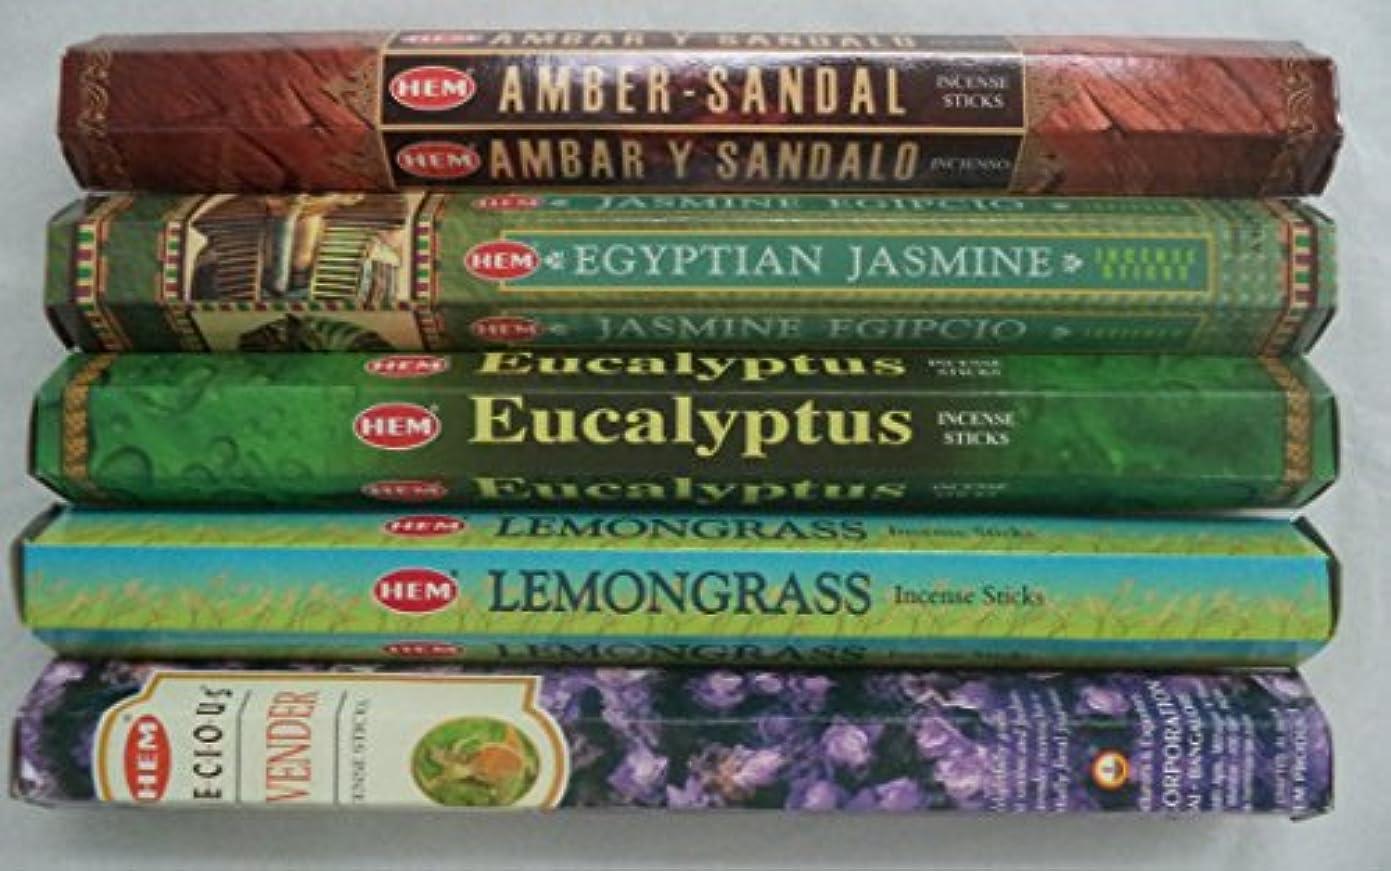 すべて軽蔑する早める裾Best Seller Incense Stick Set # 2 : Top 5 x 20 = 100 Sticks一括でサンプラーrainbowrecords239